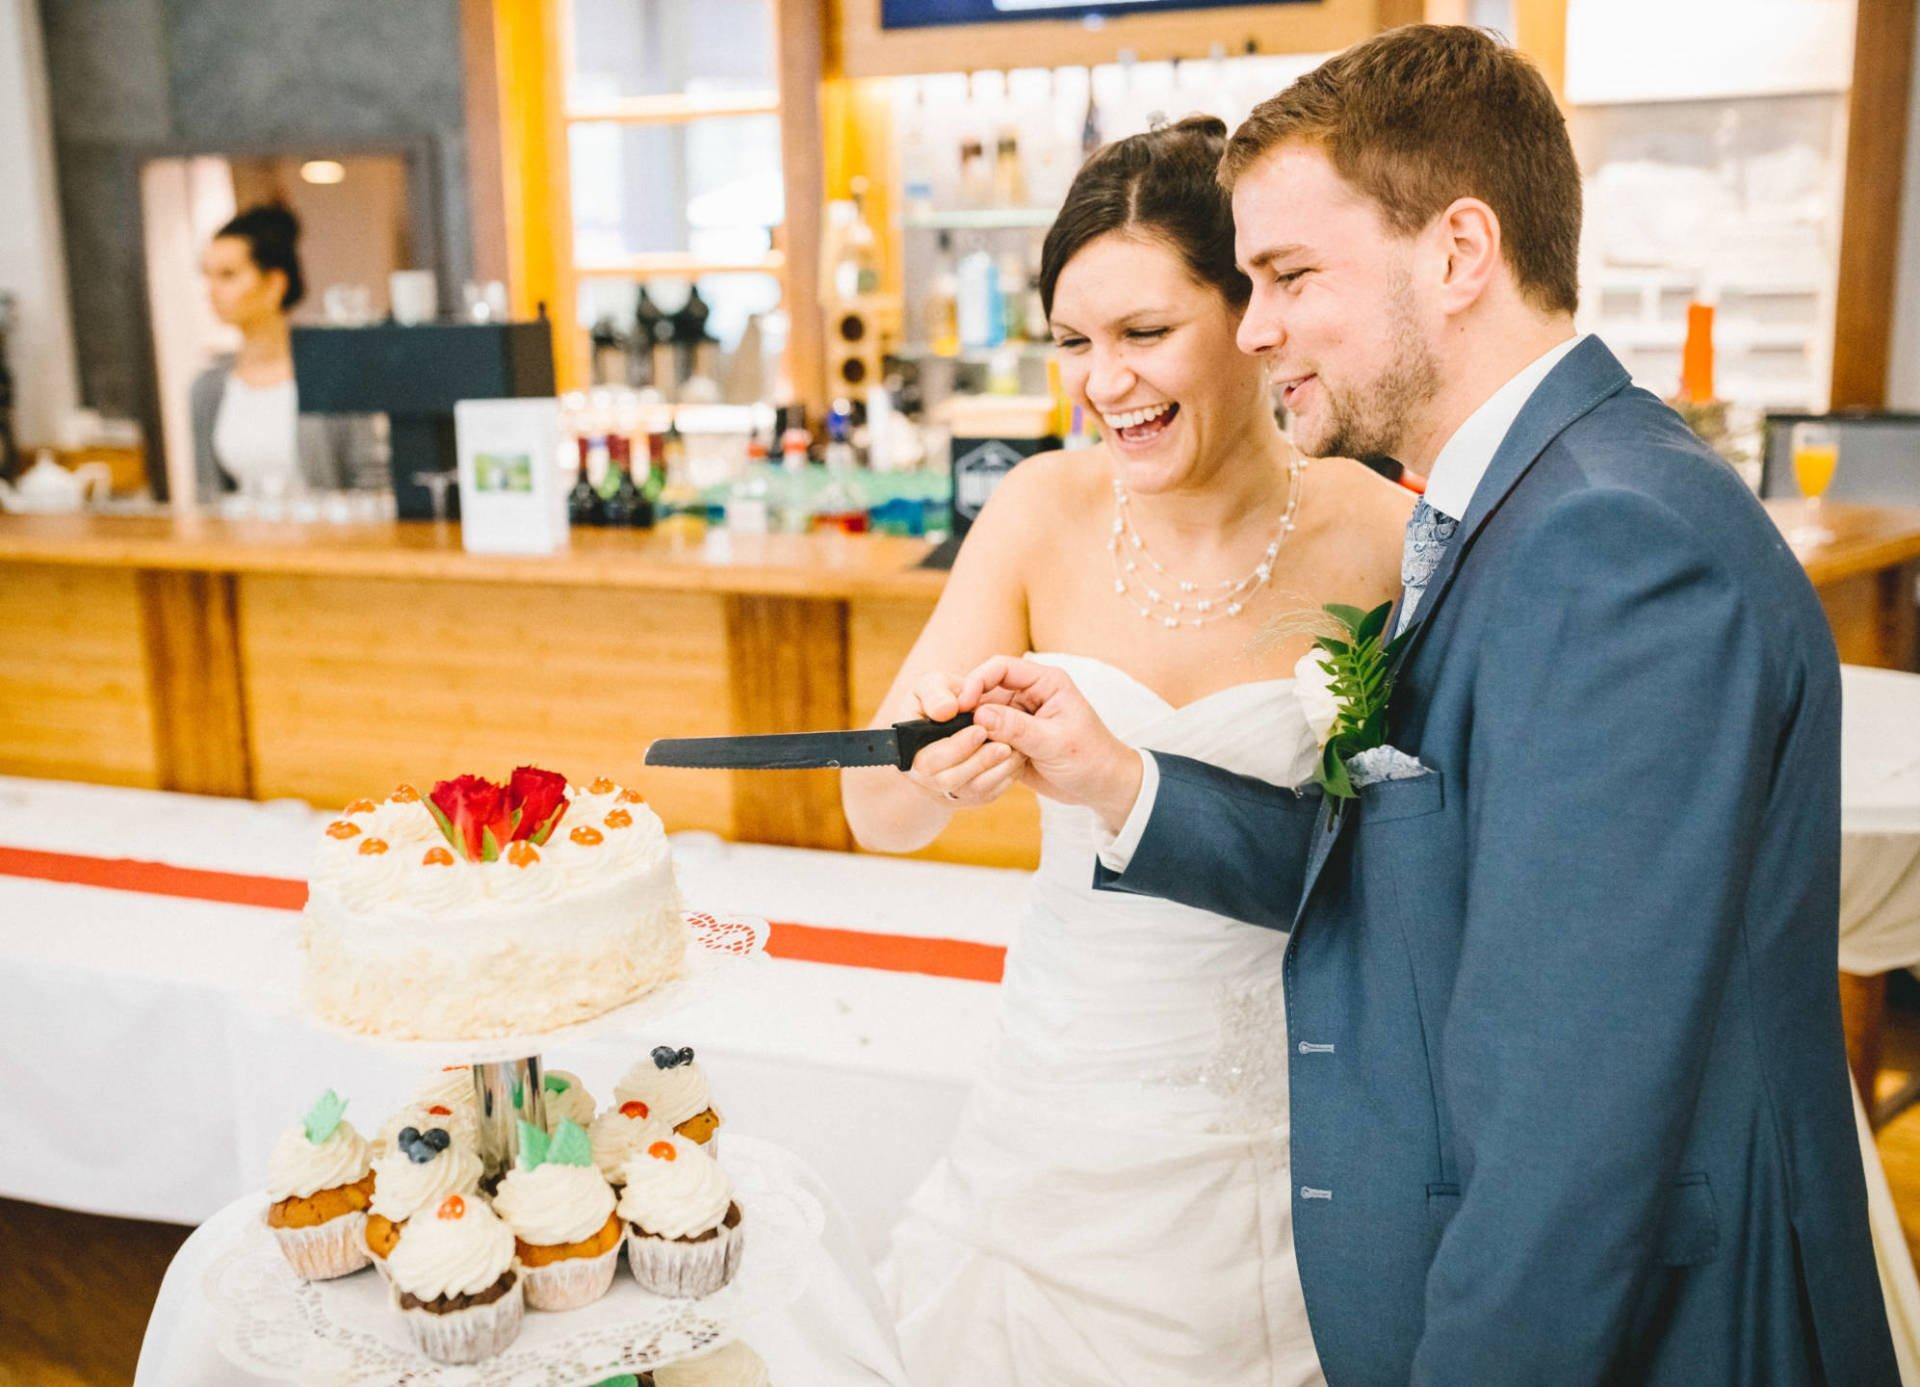 Hochzeitsreportage | Hochzeit im Paradies Jena | 38